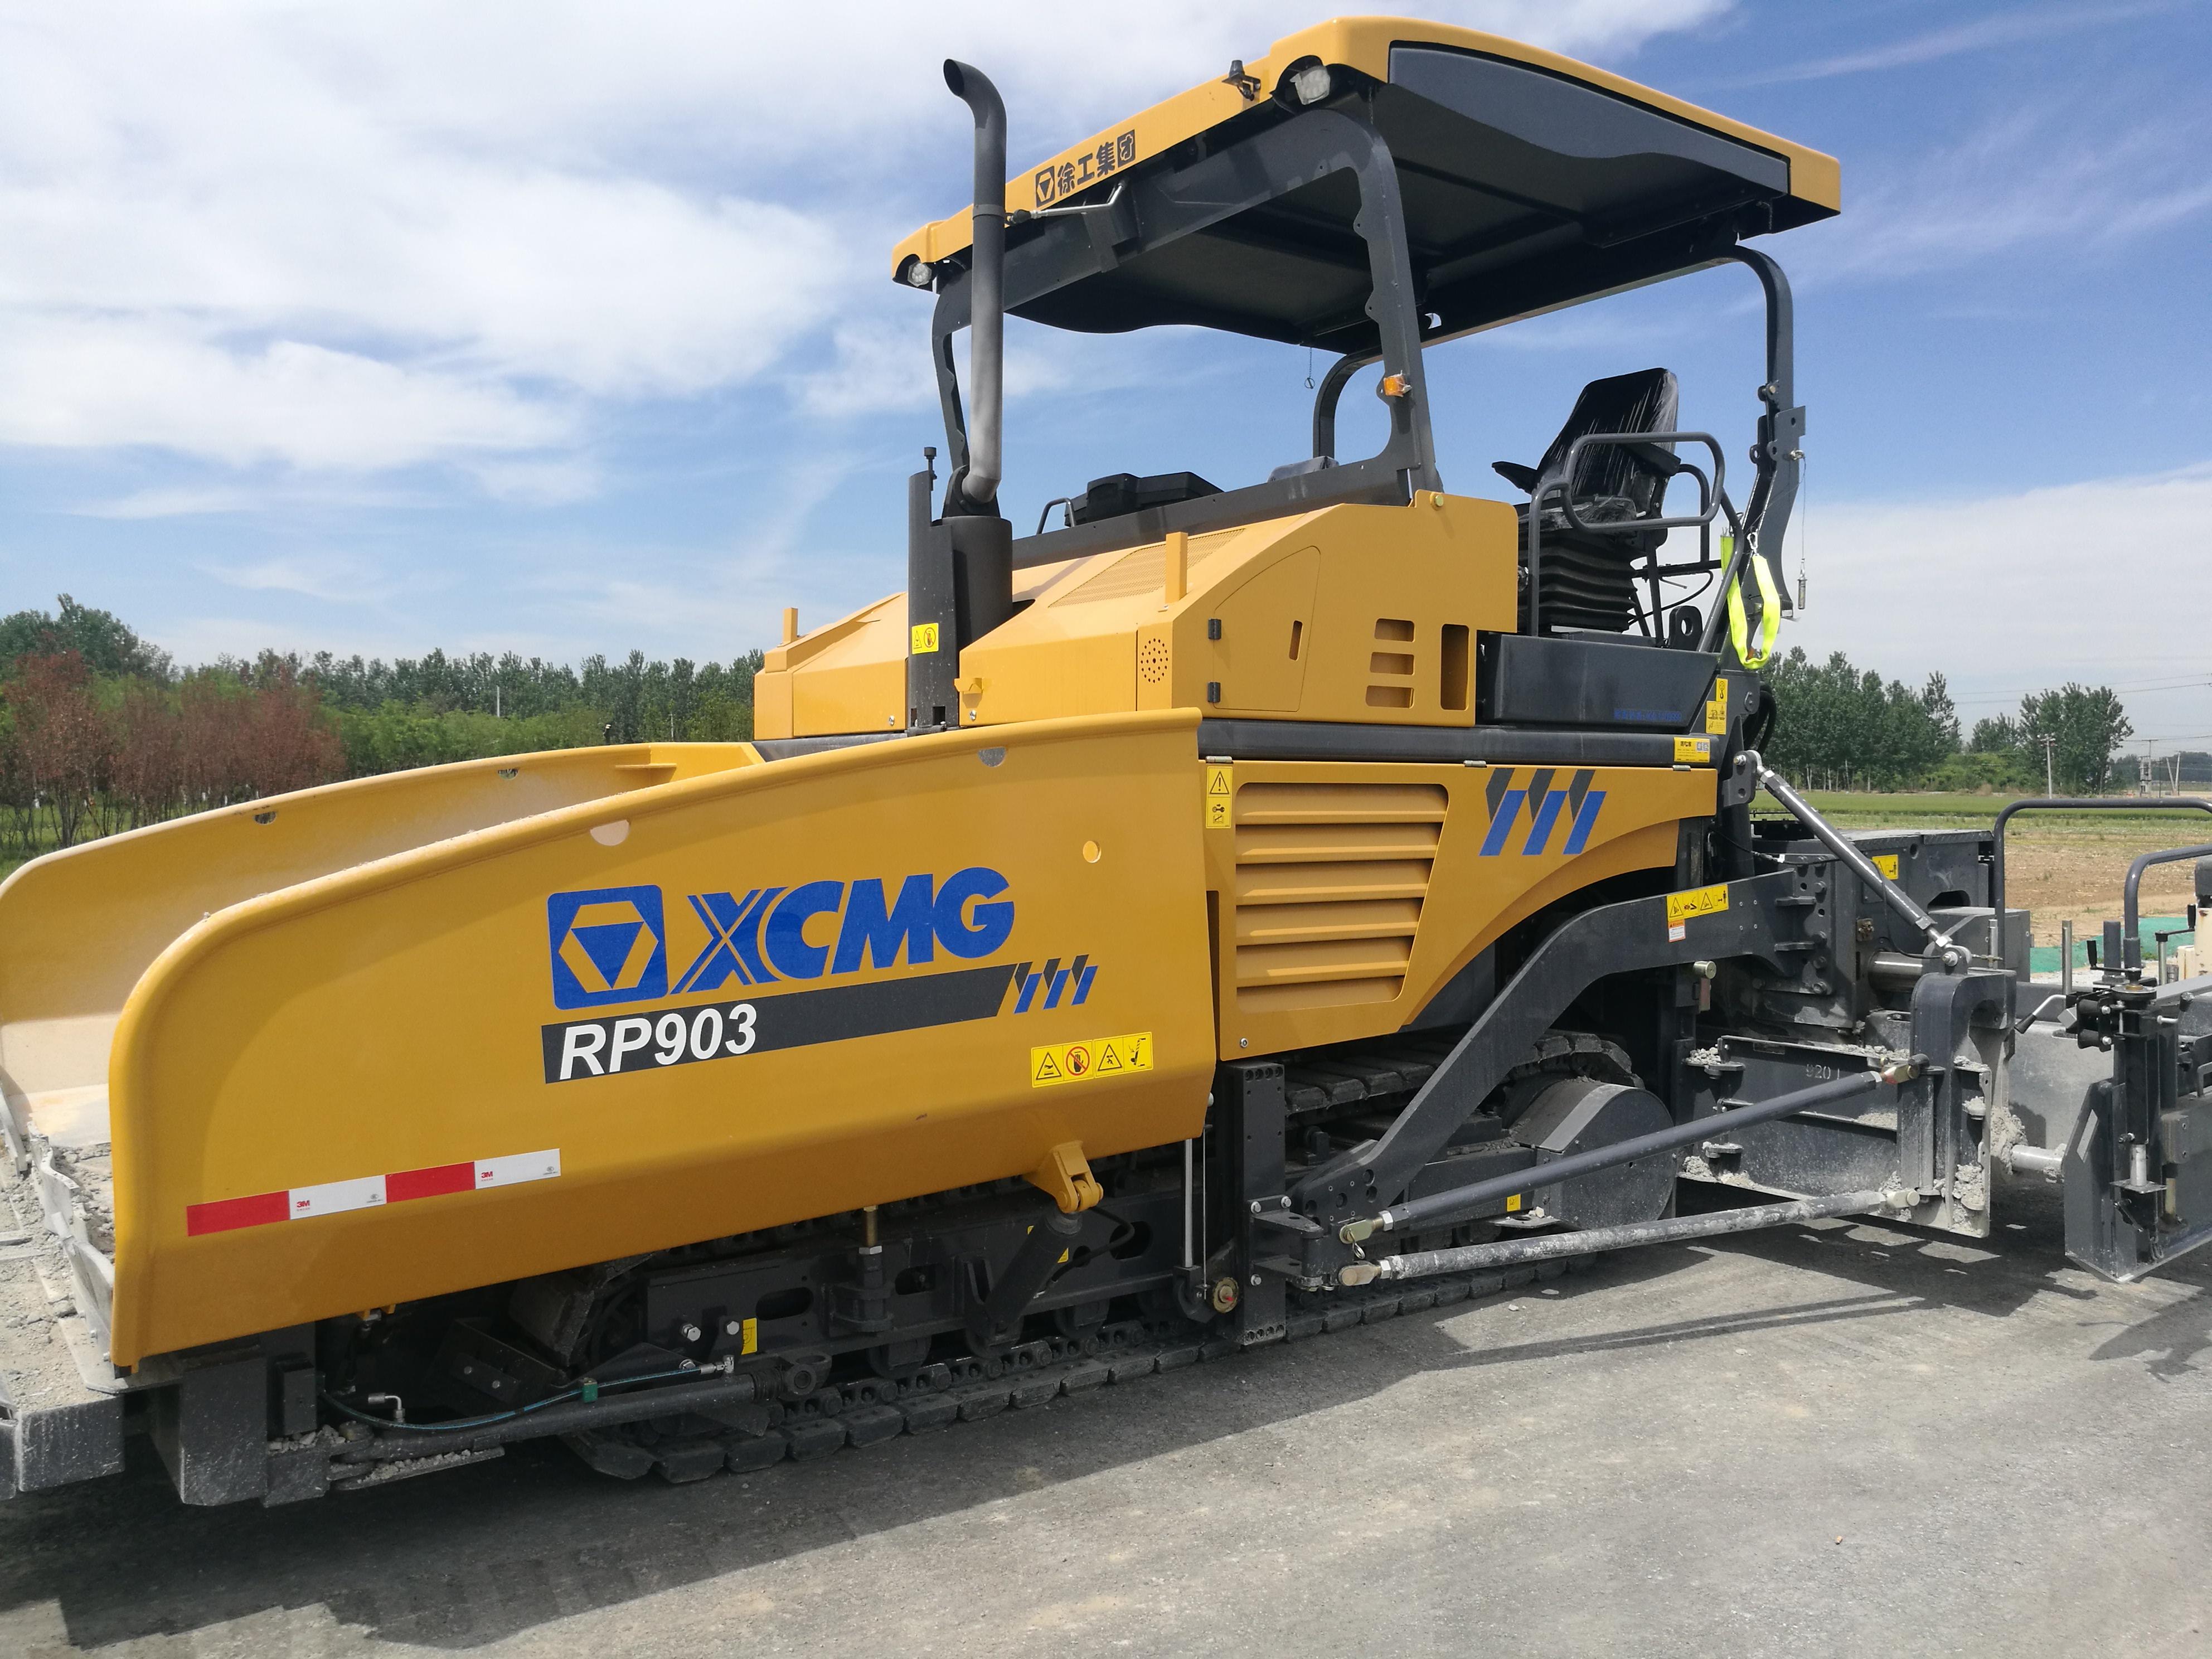 徐工RP903多功能摊铺机,左前图,液压伸缩板。